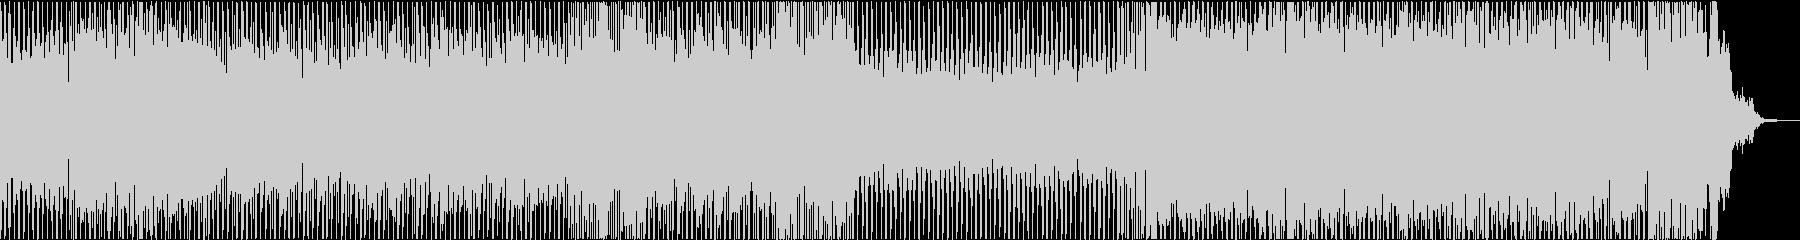 クリスマス メドレー 楽しい EDM 2の未再生の波形